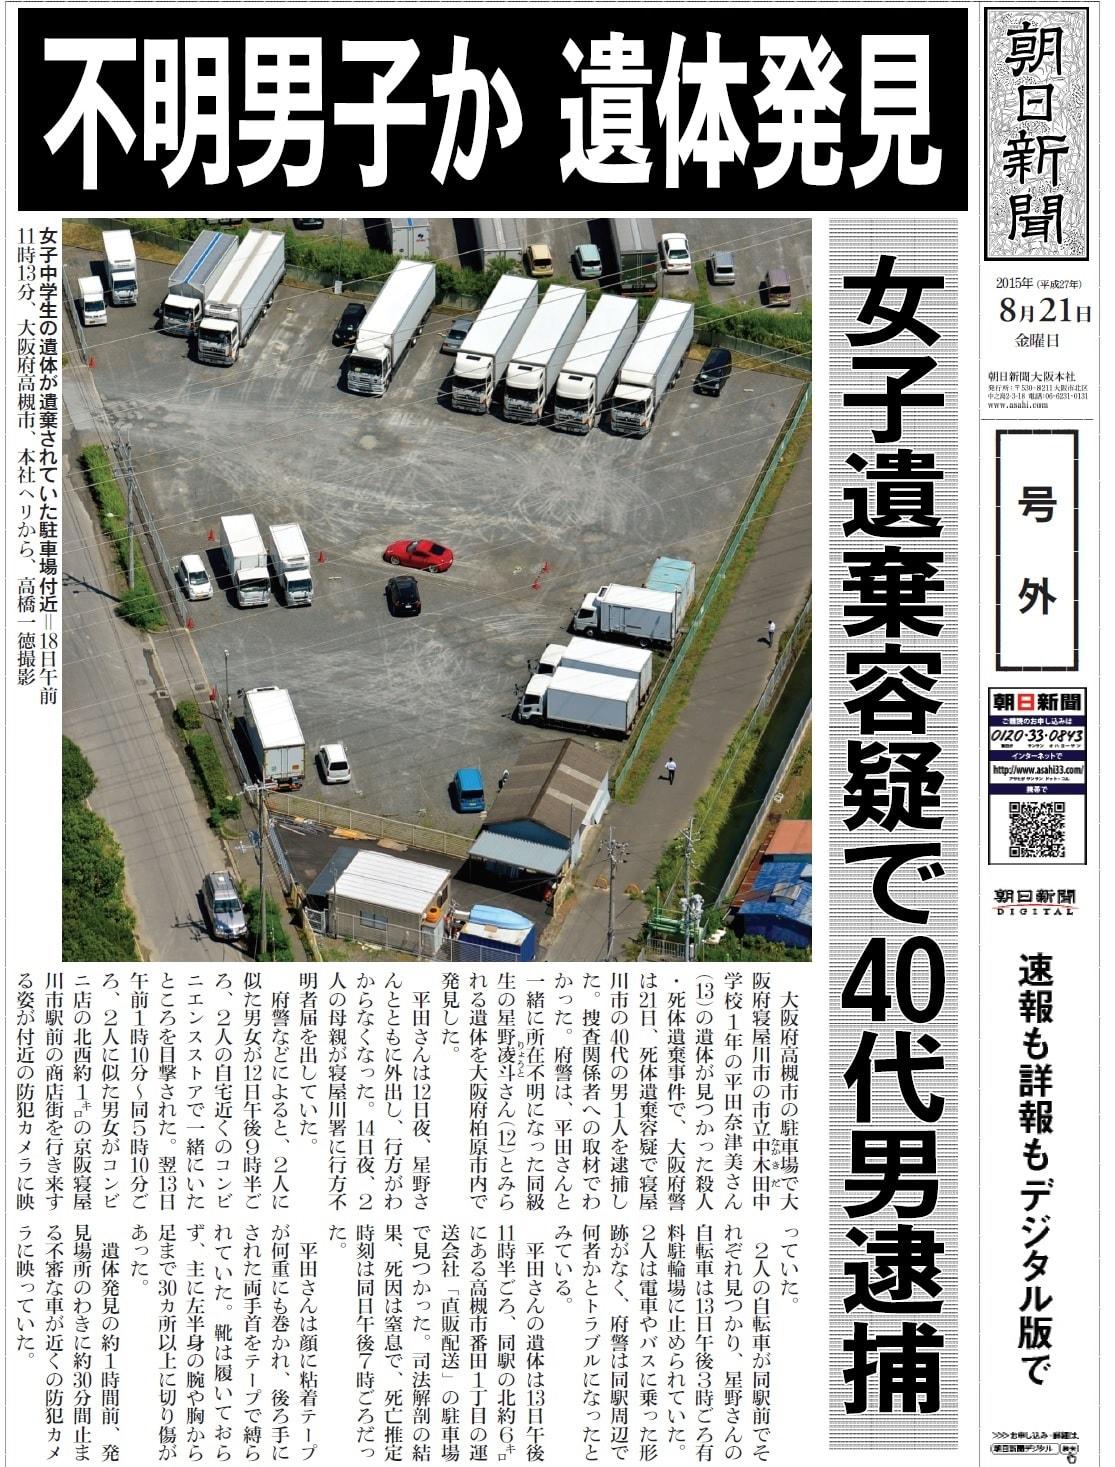 2015年8月21日朝日新聞『不明男...